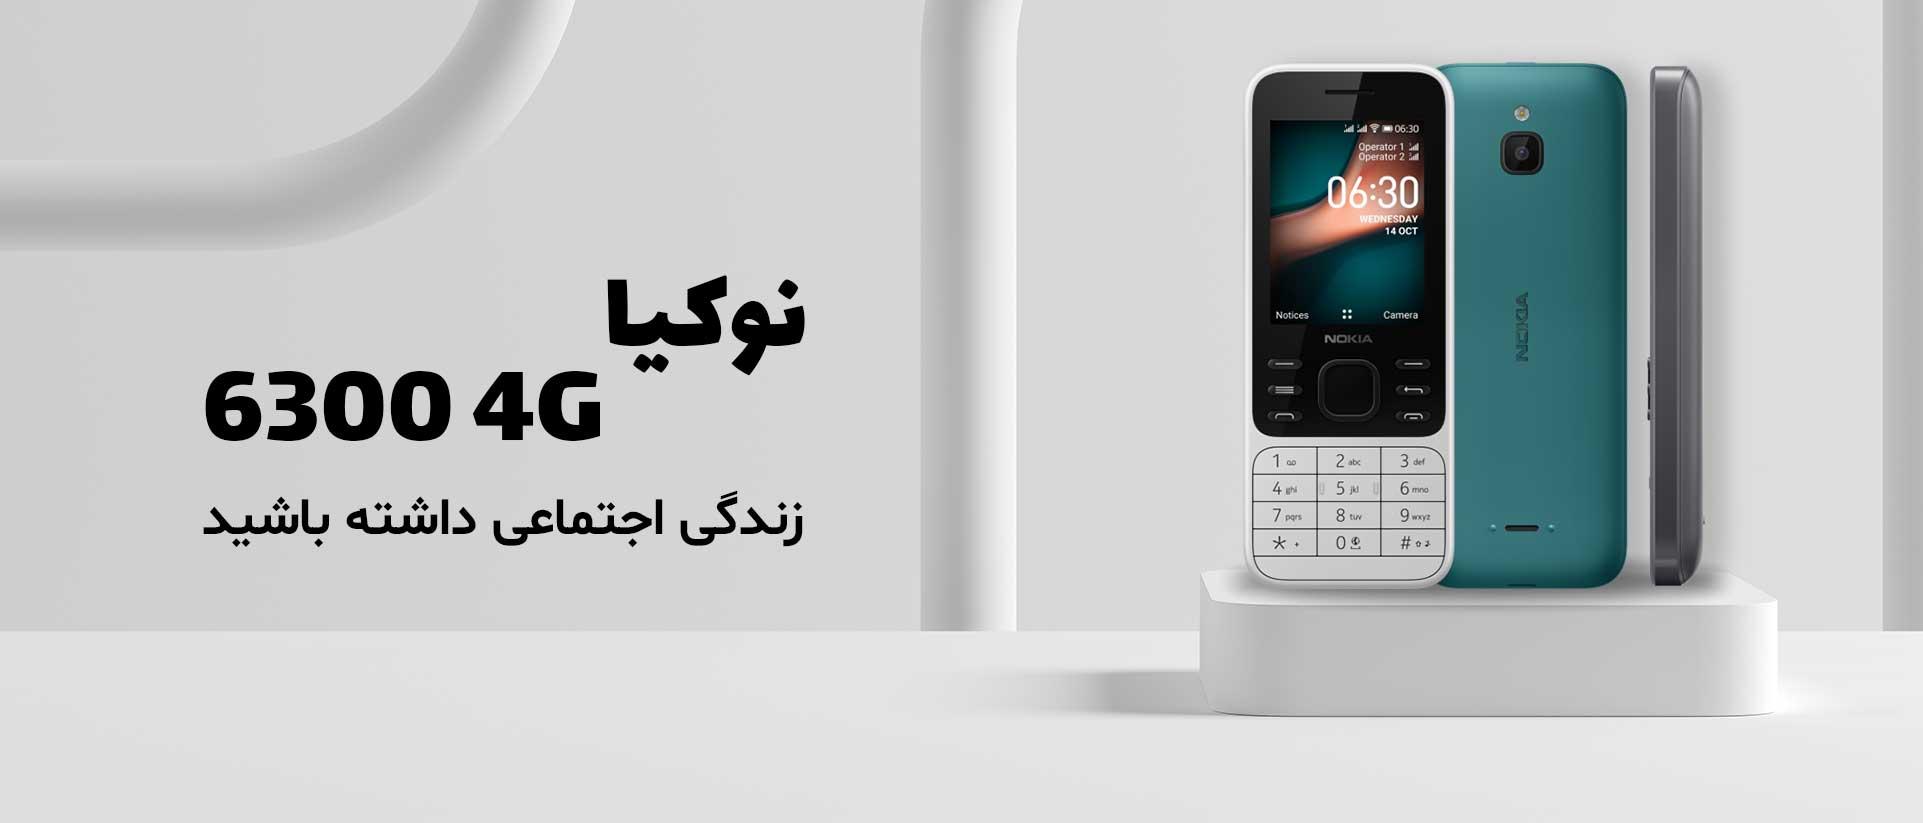 گوشی موبایل نوکیا مدل 6300 4G دو سیم کارت - موبایلتو